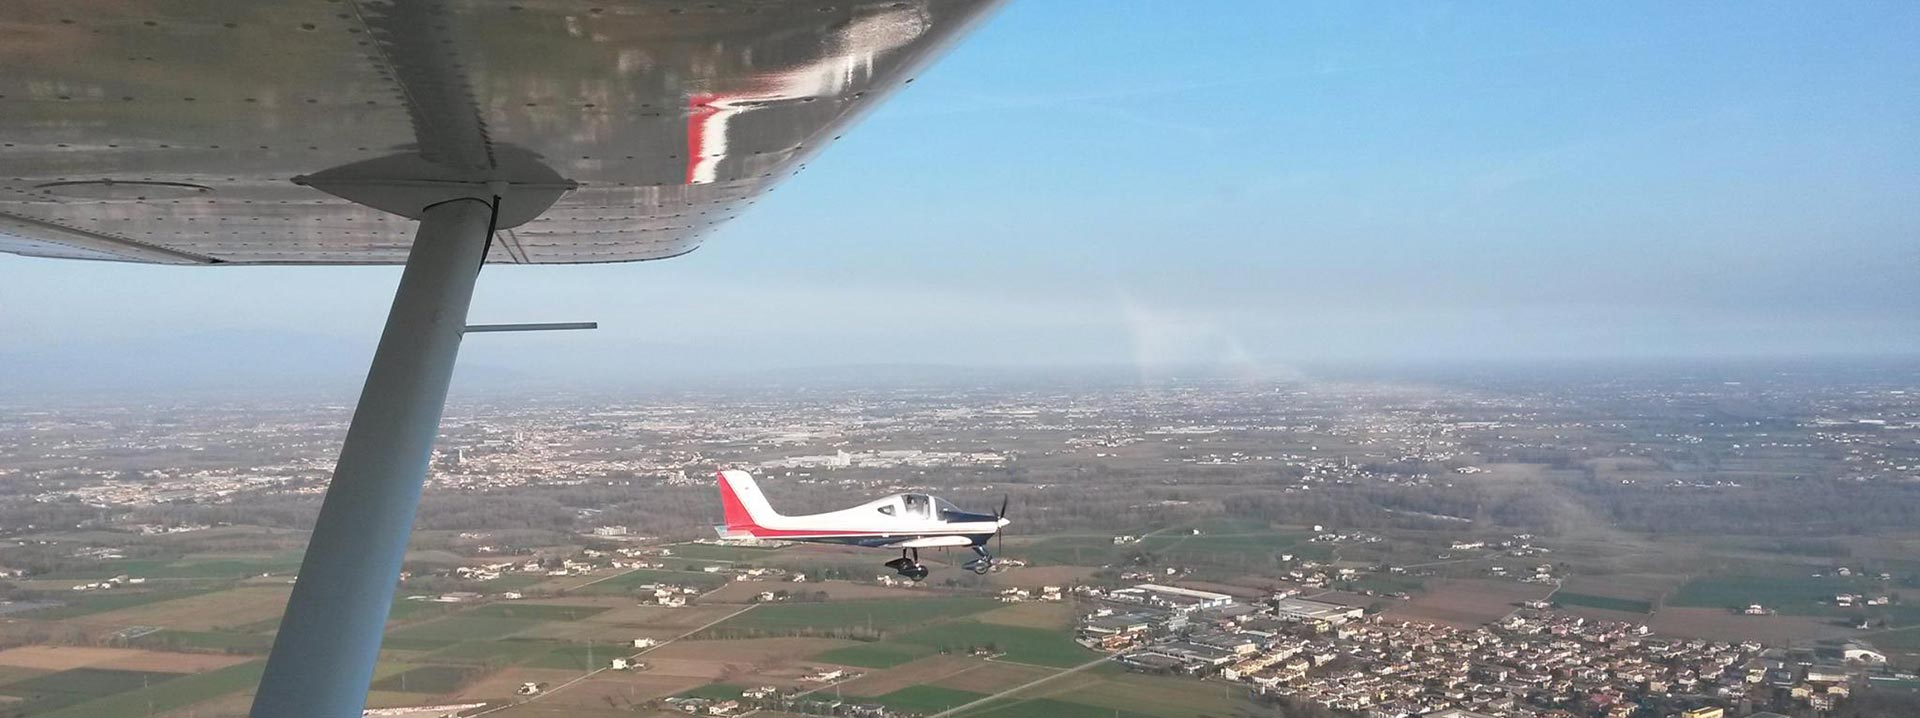 Amici di volo